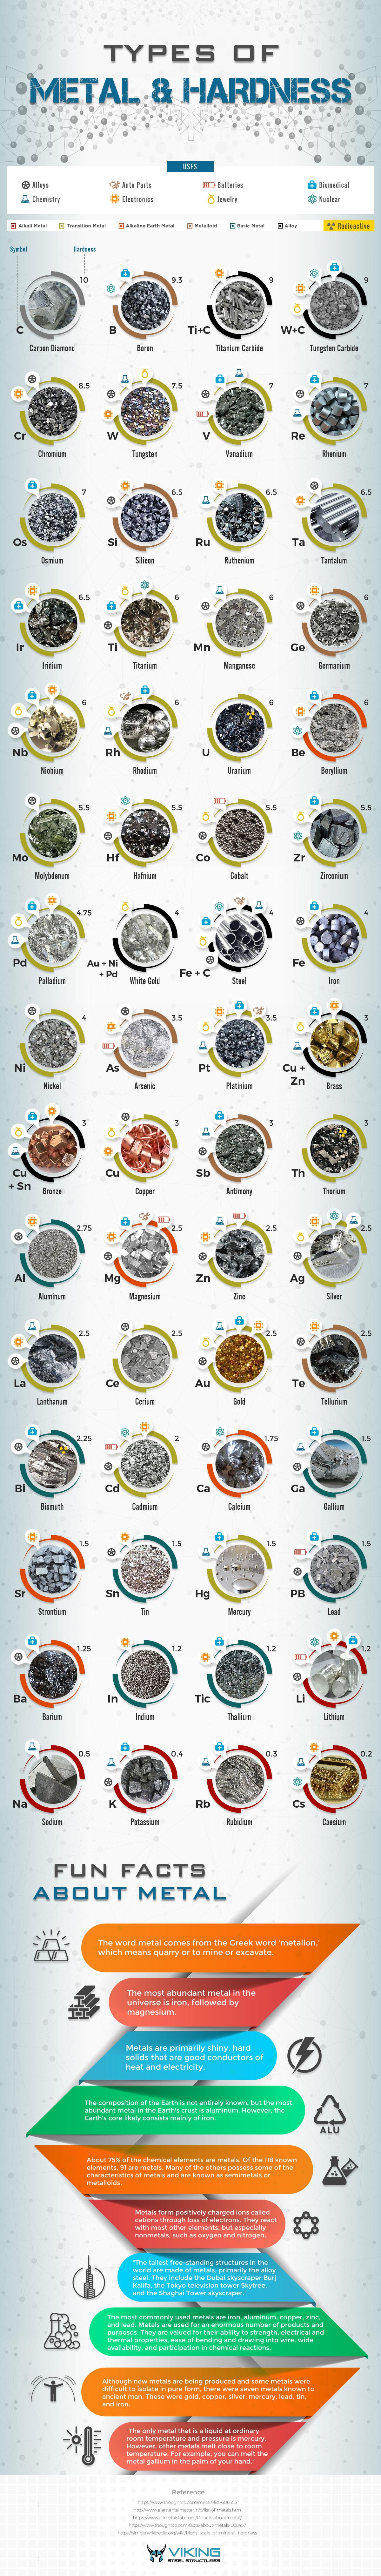 Types of Metal & Their Hardness